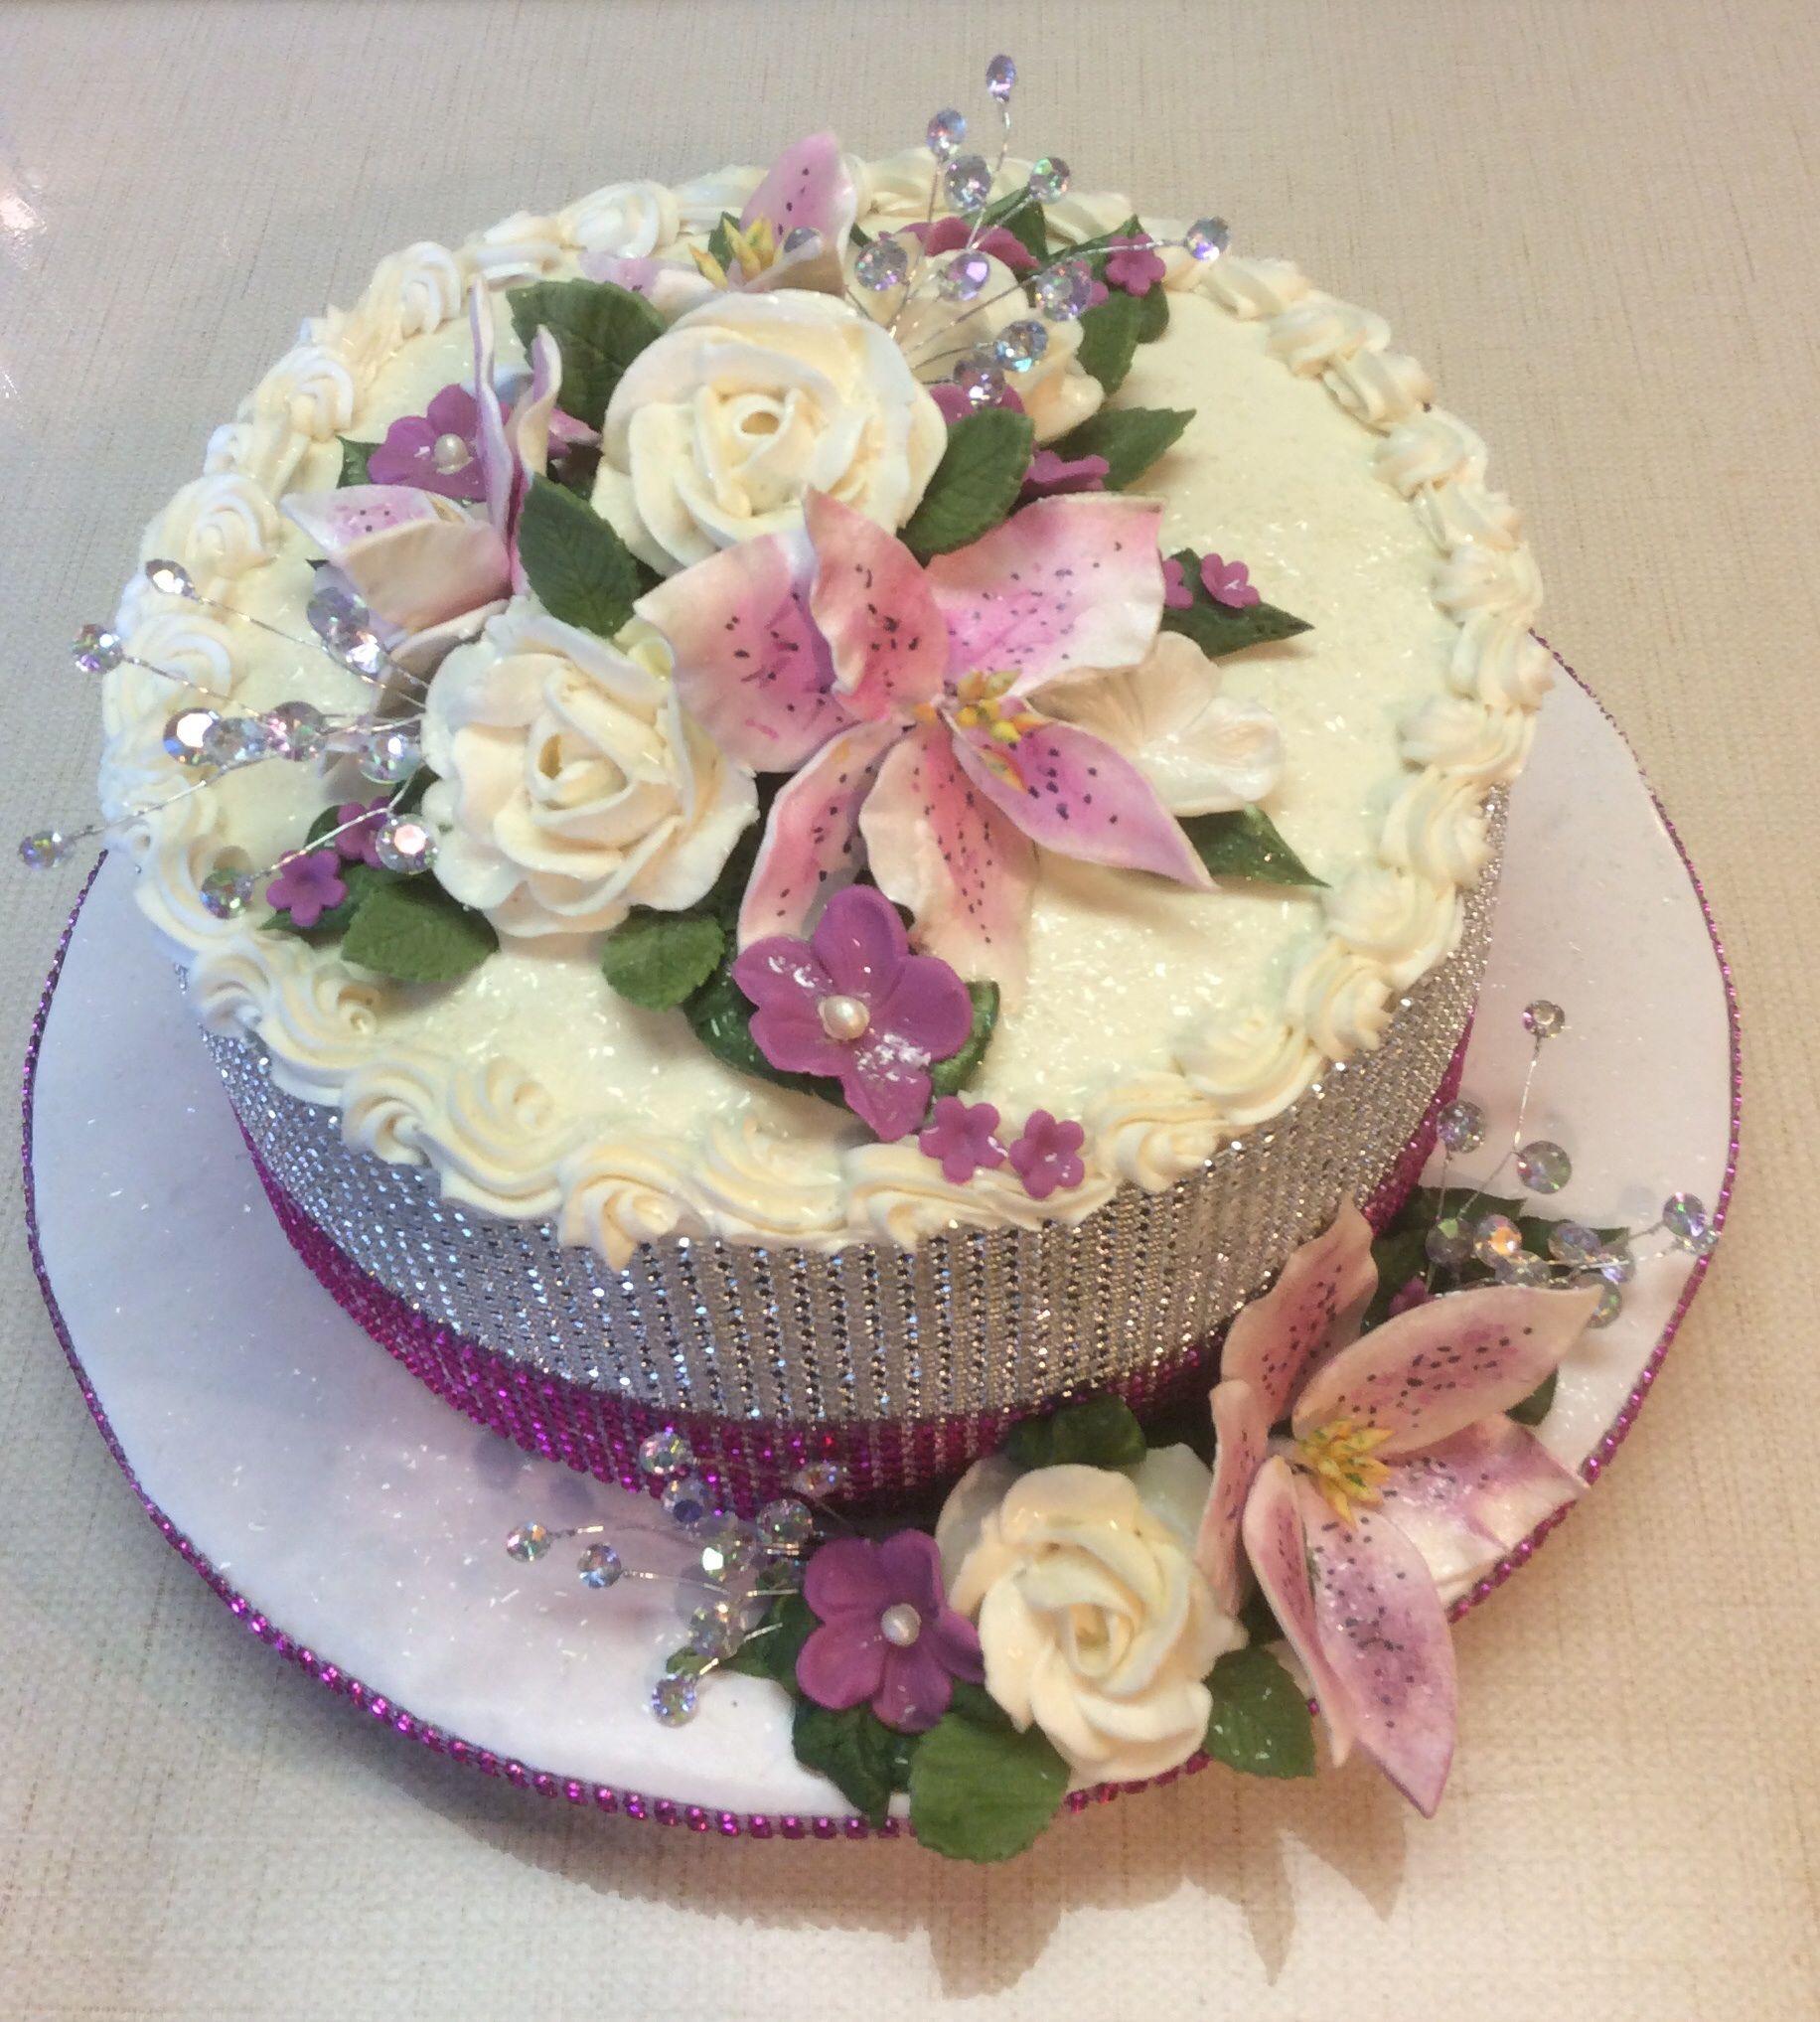 Girly cake birthday cakes girly cakes cake amazing cakes